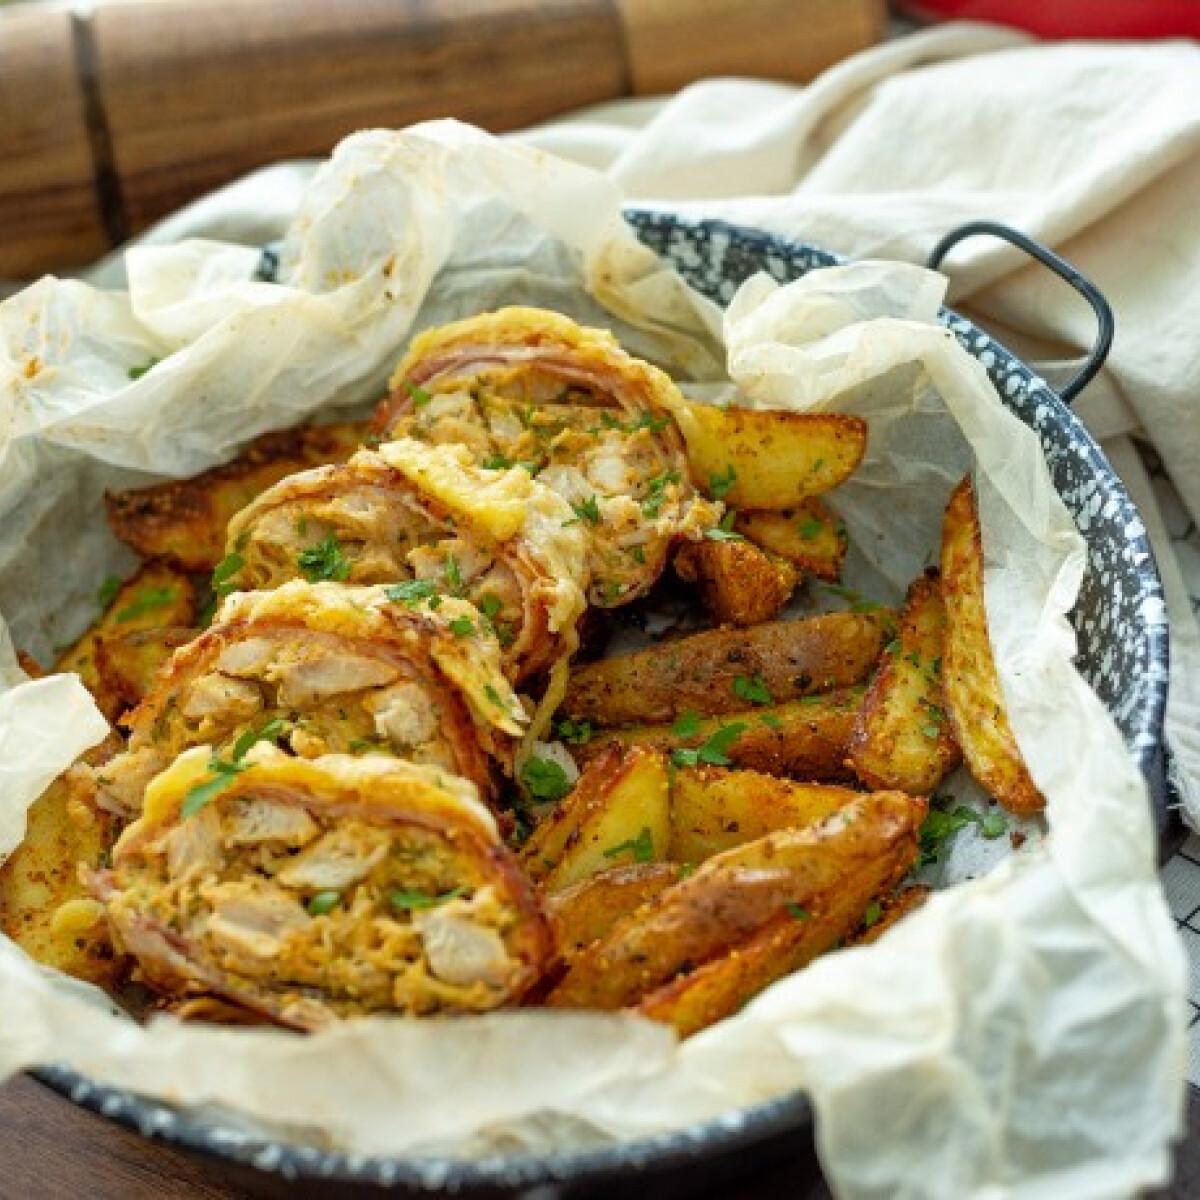 Ezen a képen: Sajtos-tejfölös-baconös csirkemell őzgerincben sütve